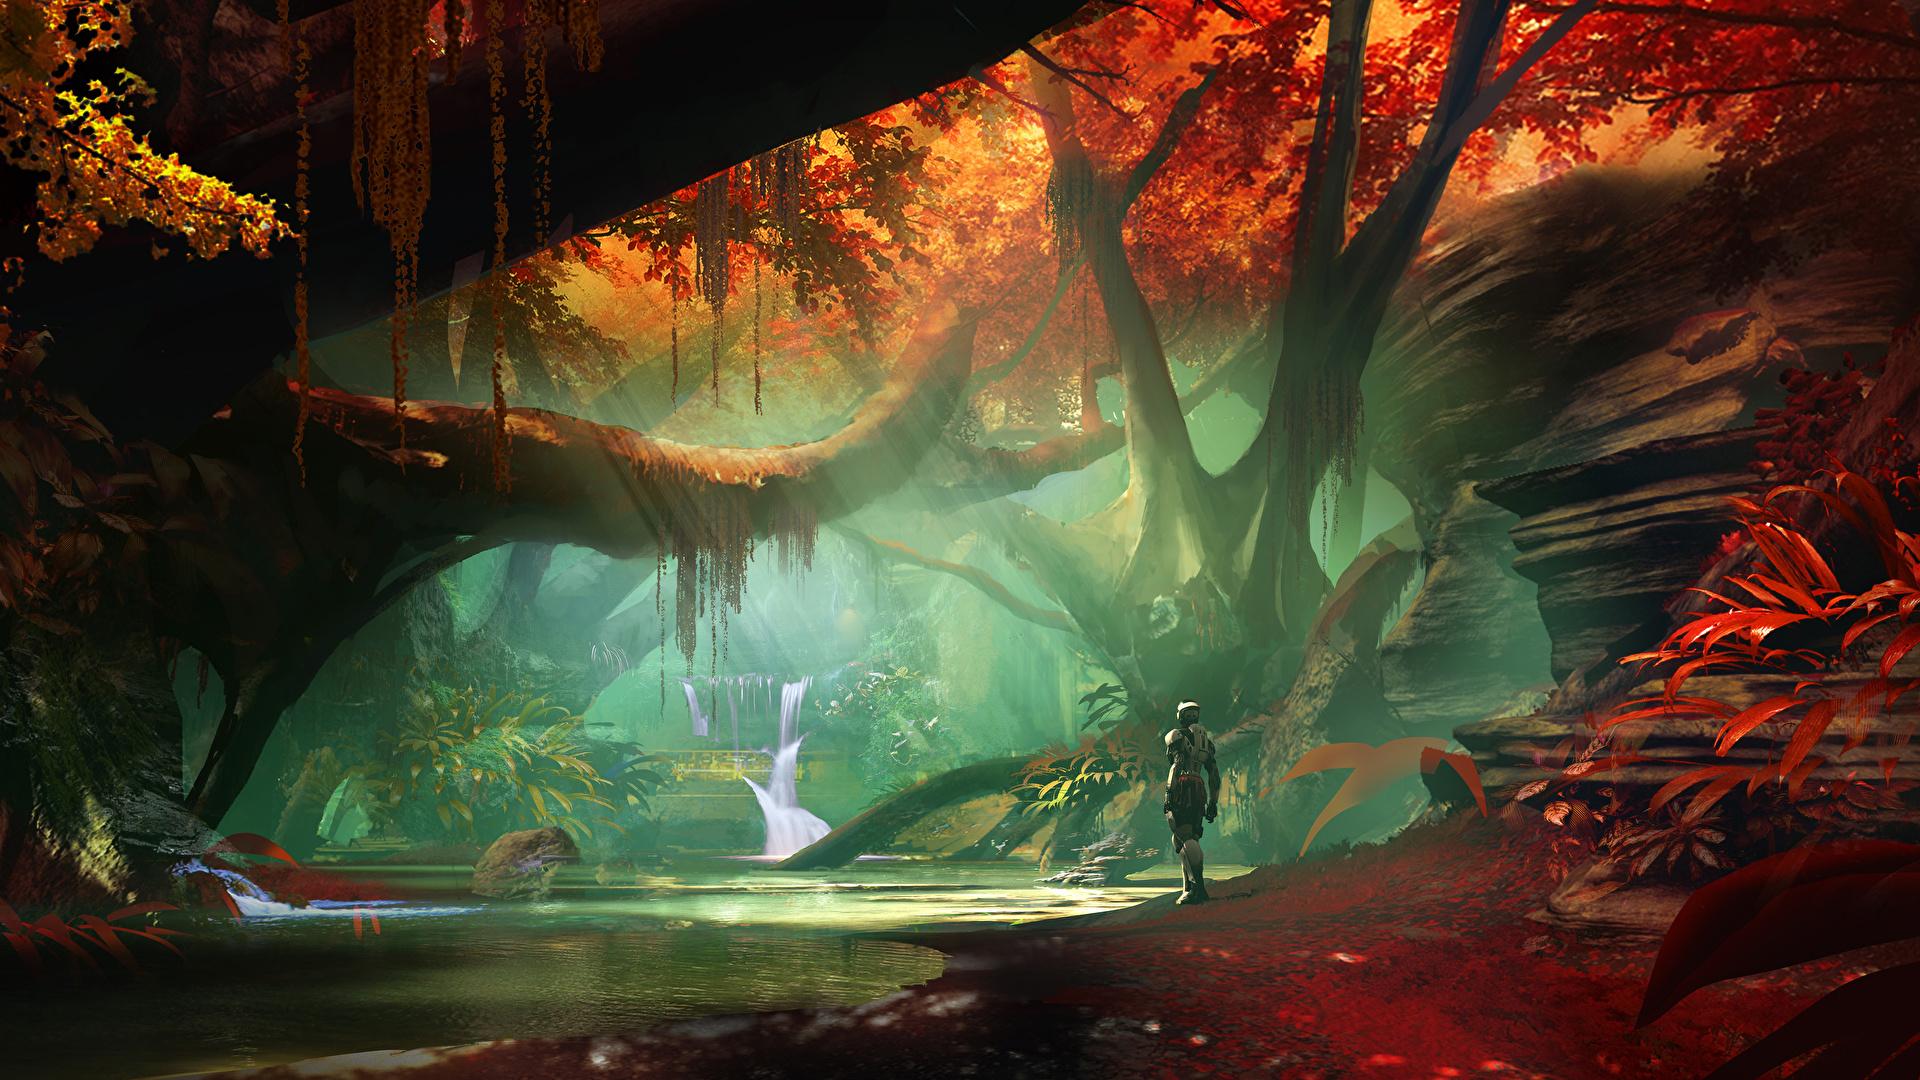 Wallpaper Destiny 2 Fantasy Games Fantastic World 1920x1080